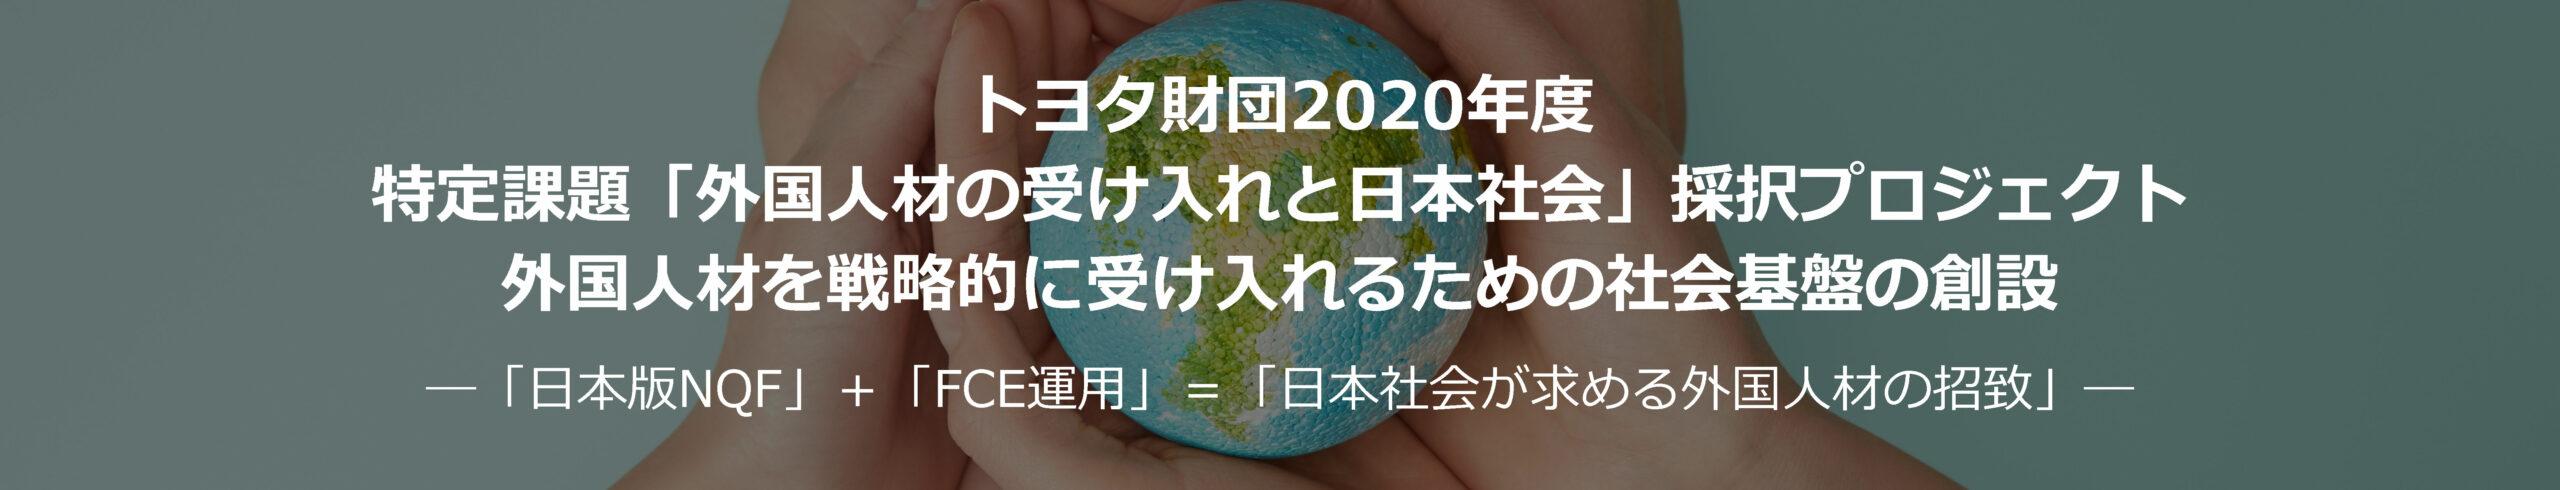 トヨタ財団2020年度<br>特定課題「外国人材の受け入れと日本社会」<br>外国人材を戦略的に受け入れるための社会基盤の創設